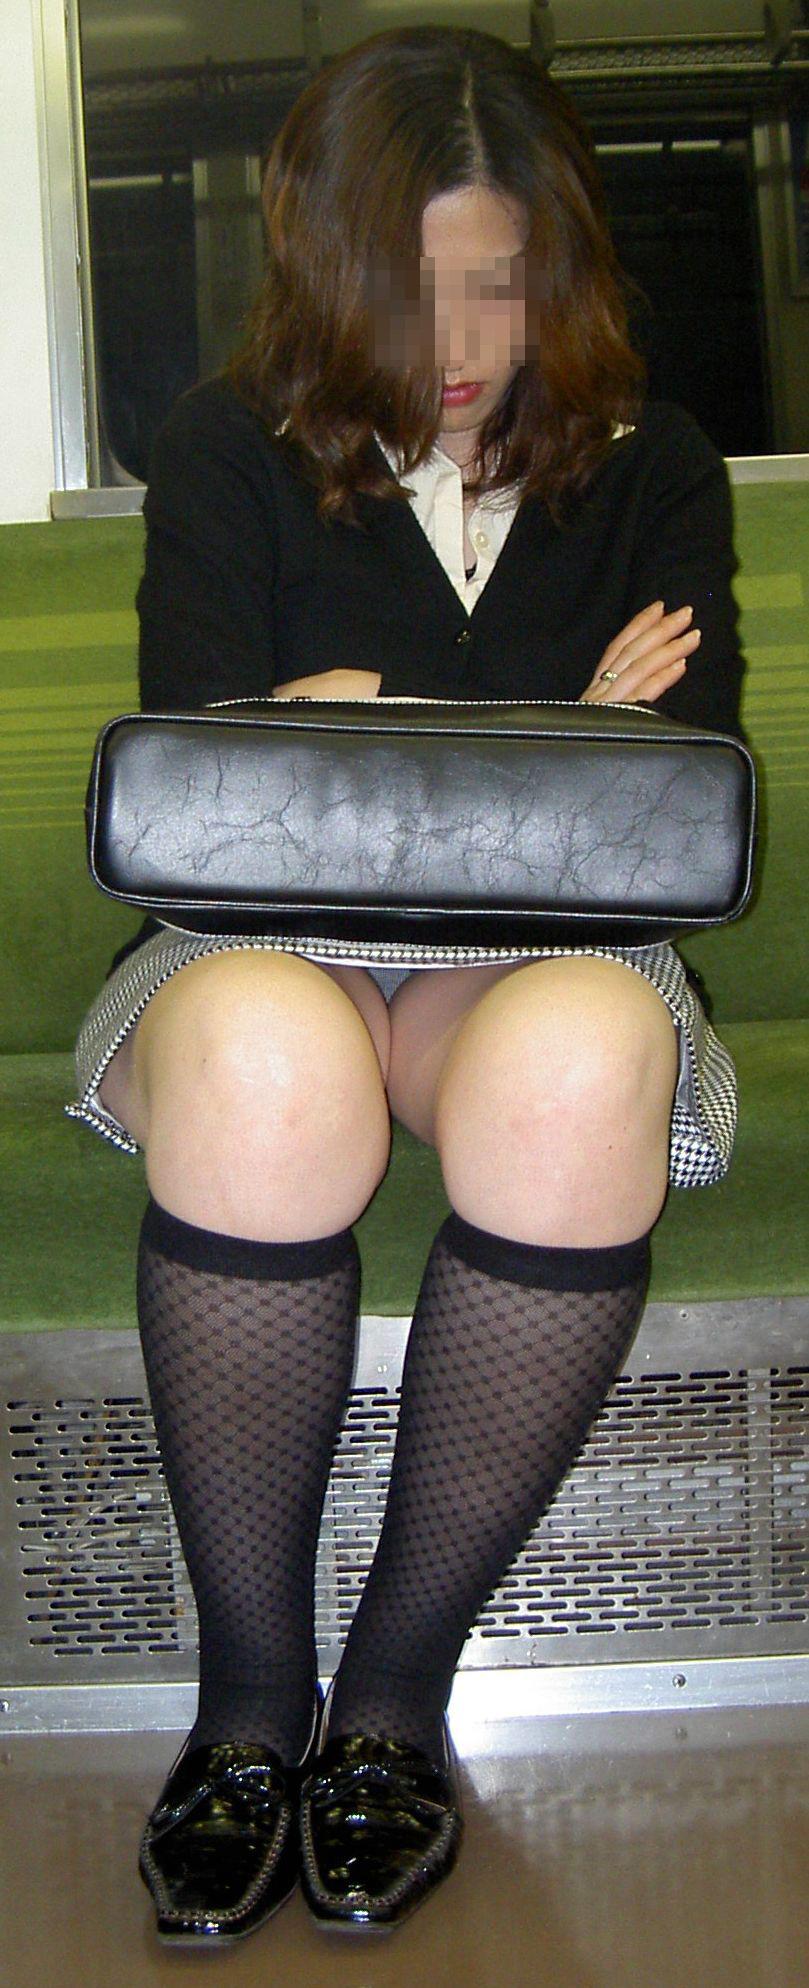 【パンチラエロ画像】対面さえとれば後はこっそり…電車内のパンチラ観察www 26